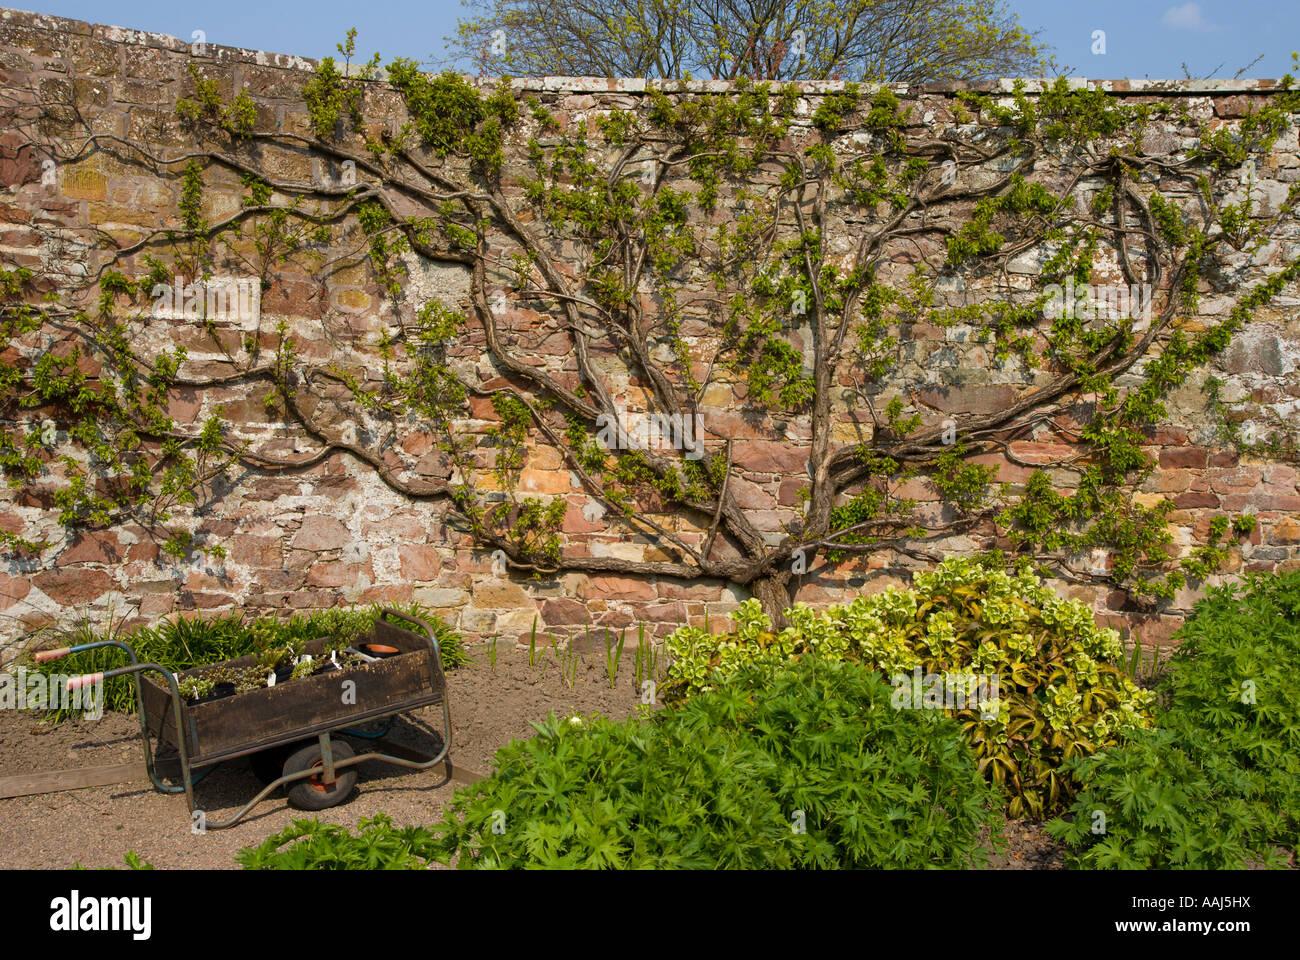 Trained Fruit Trees In Walled Garden Espalier Pruned Harmony Garden Melrose  Scotland